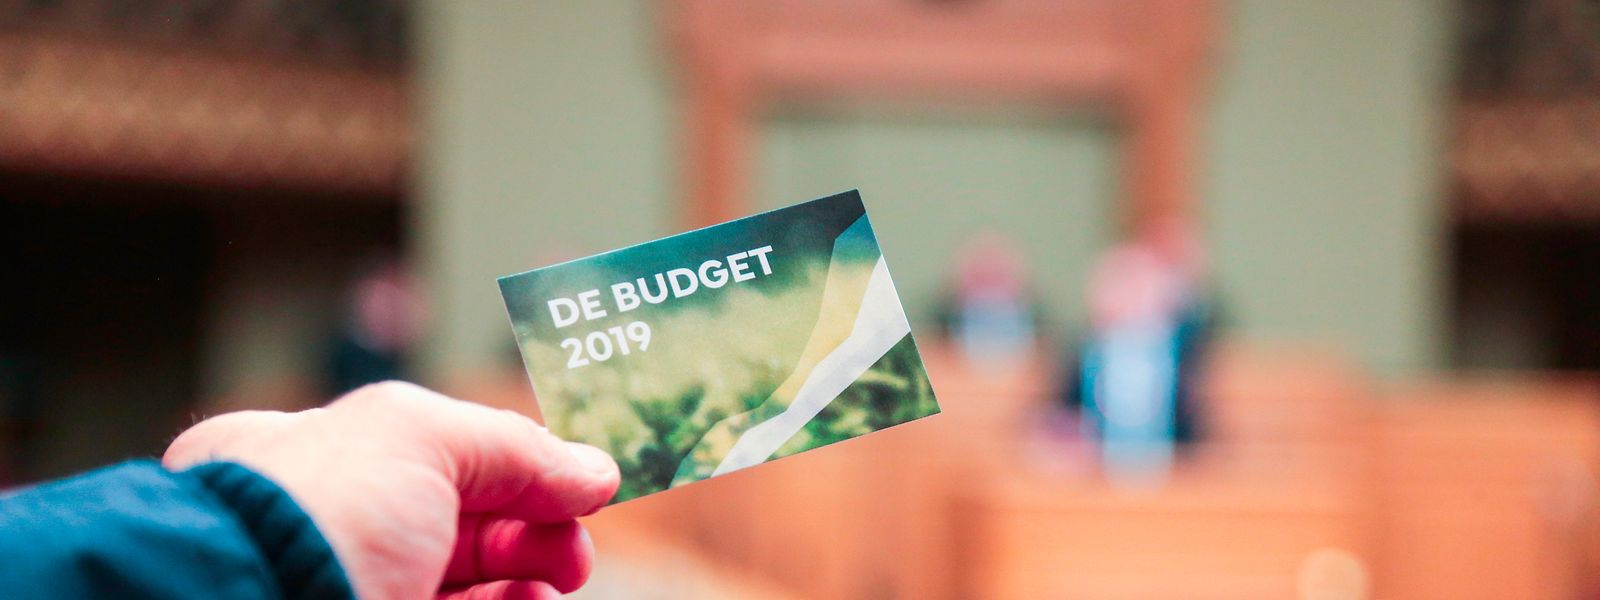 Budget 2019: Laut Finanzminister Pierre Gramegna unter anderem wegen der Mindestlohnerhöhung sozial gerecht.